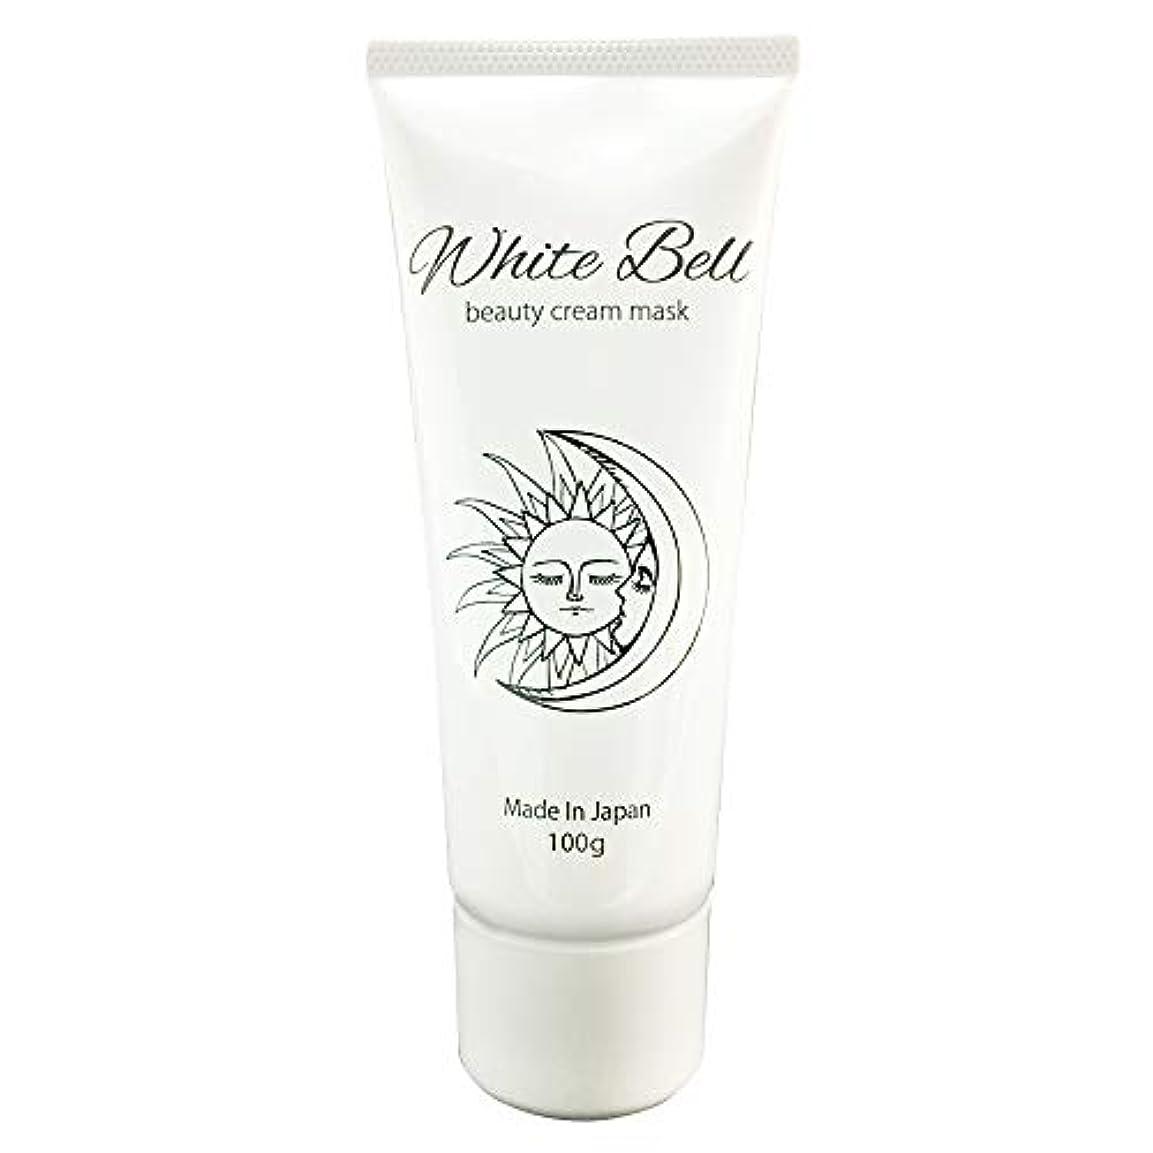 真面目な寛容手伝うホワイトベル ビューティークリームマスク White-Bell beauty cream mask ナイトクリーム オールインワン